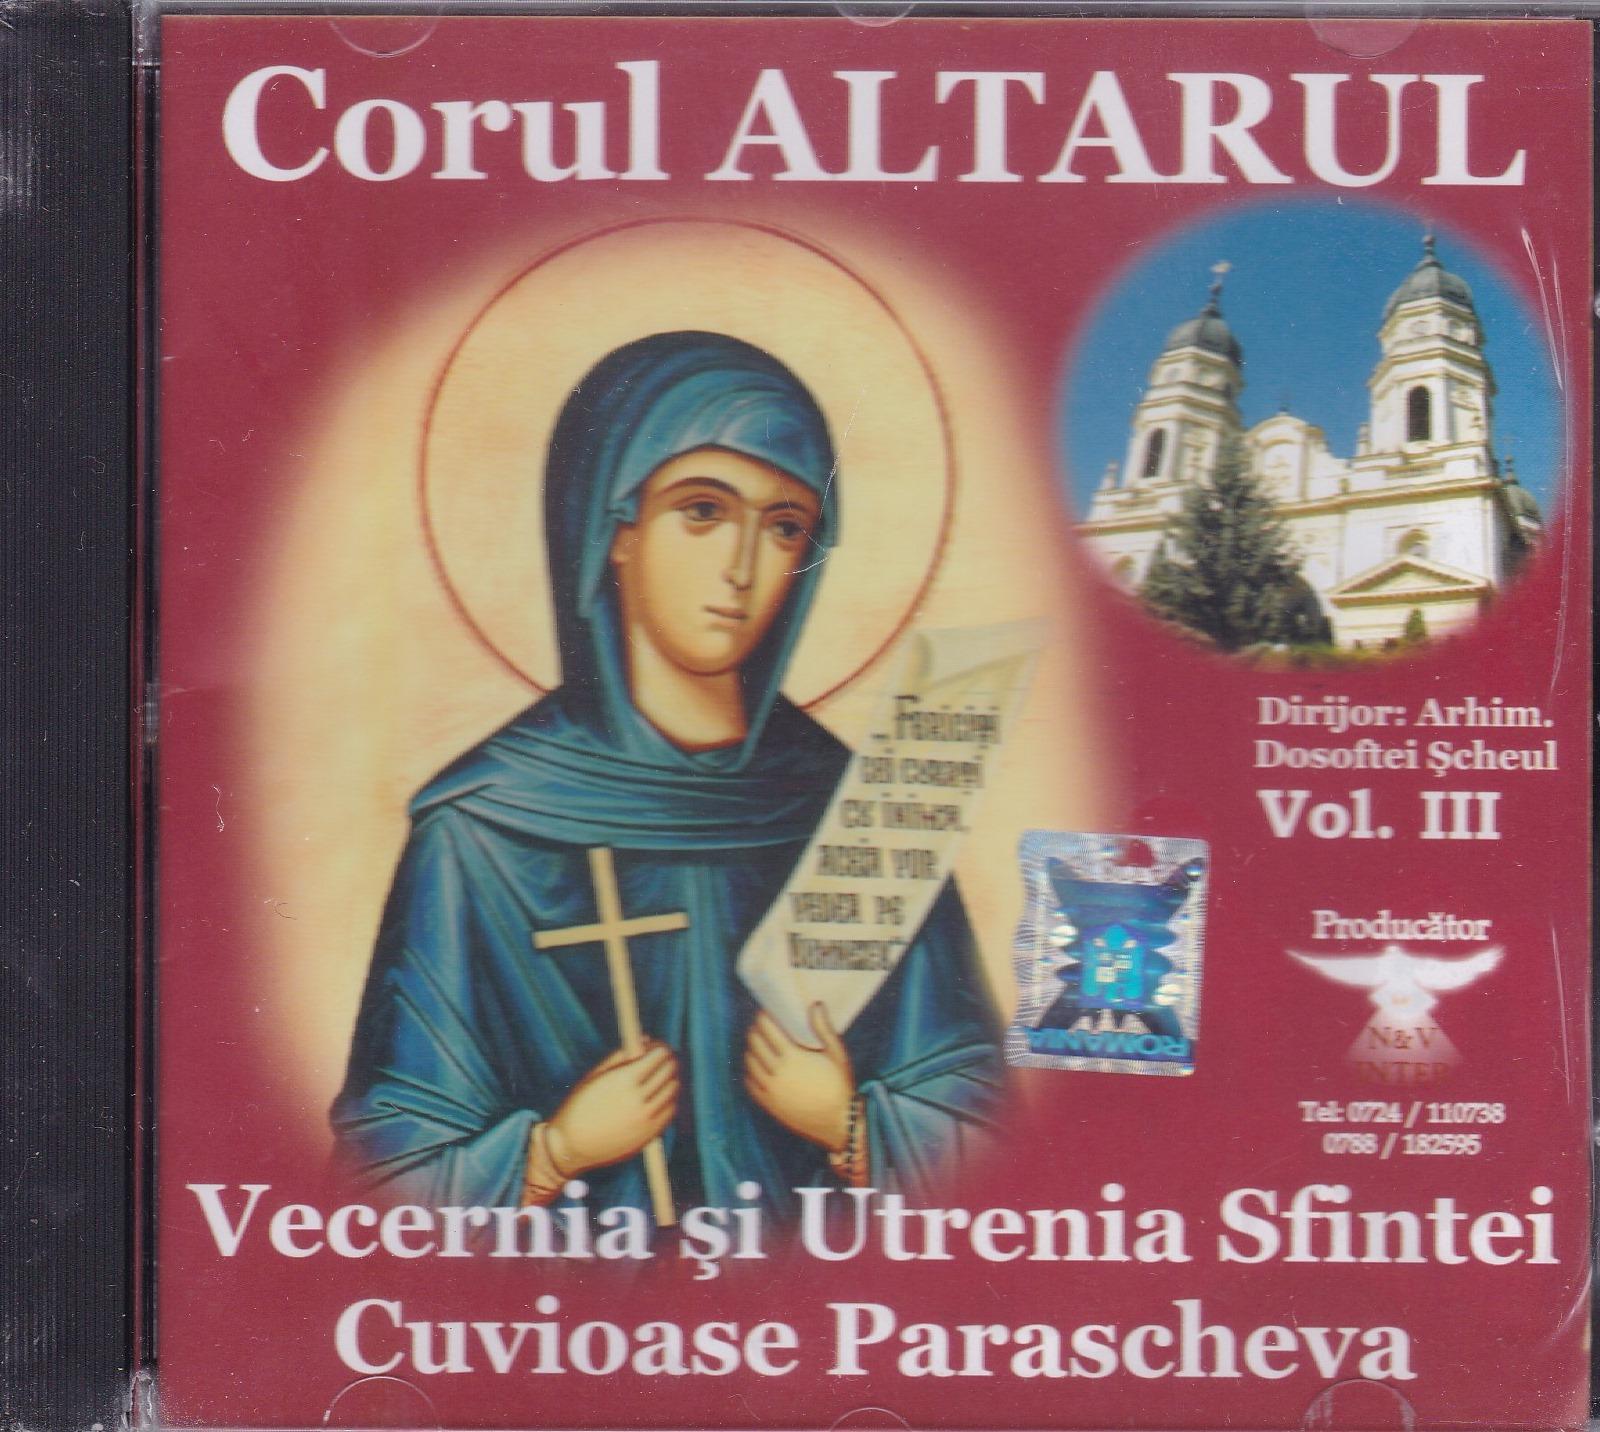 CD- Vecernia si Utrenia Sfintei Cuvioase Parascheva vol 3